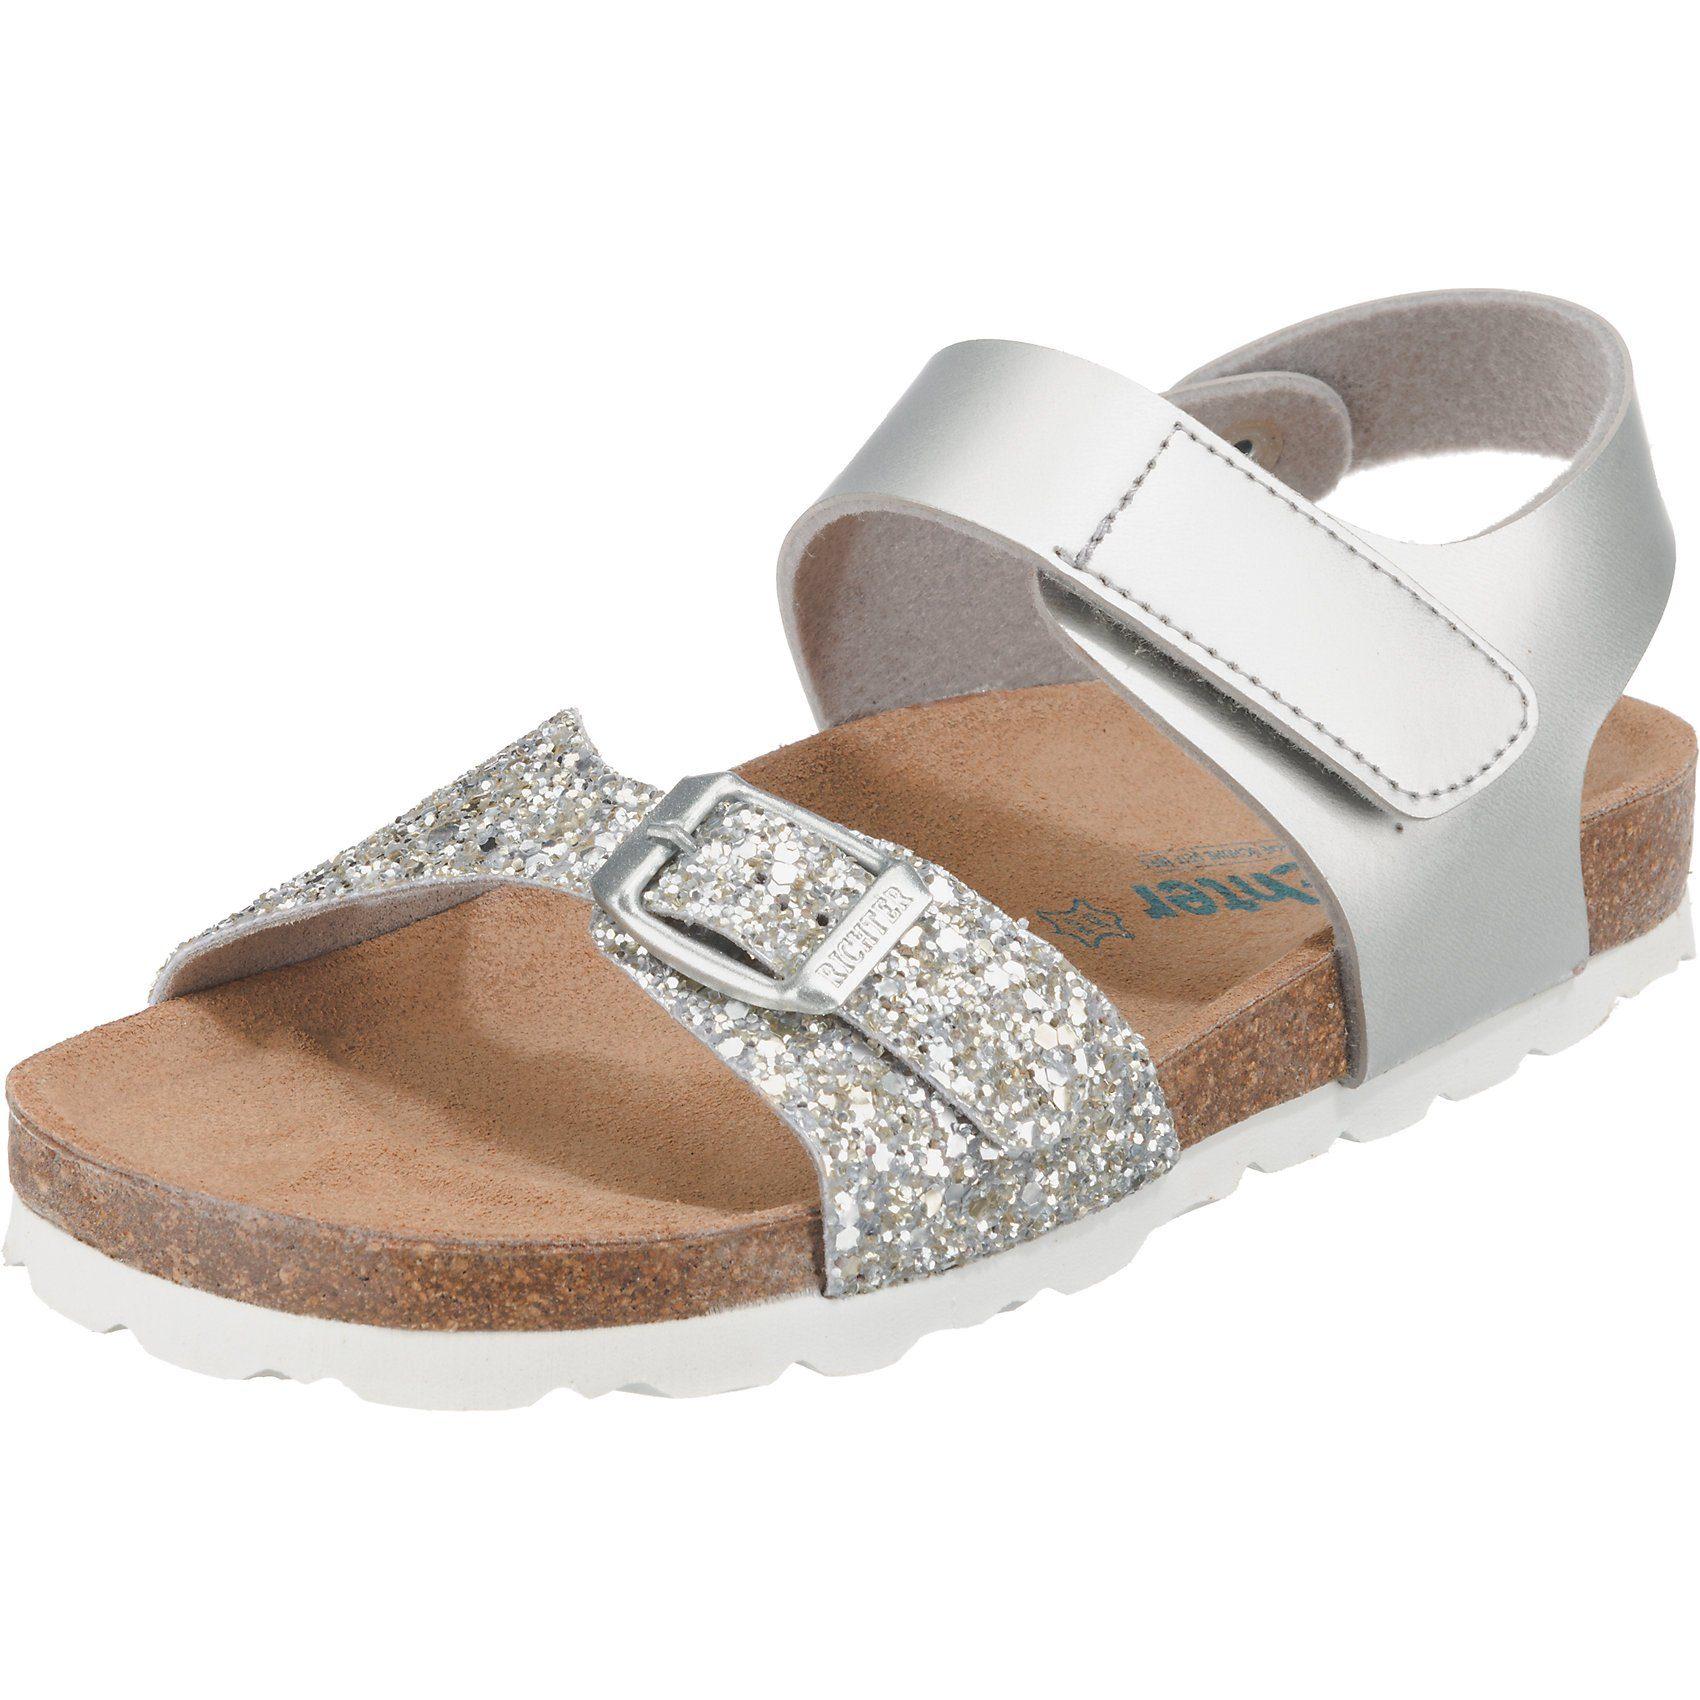 Mädchen Sandalen in Farbe silber online kaufen